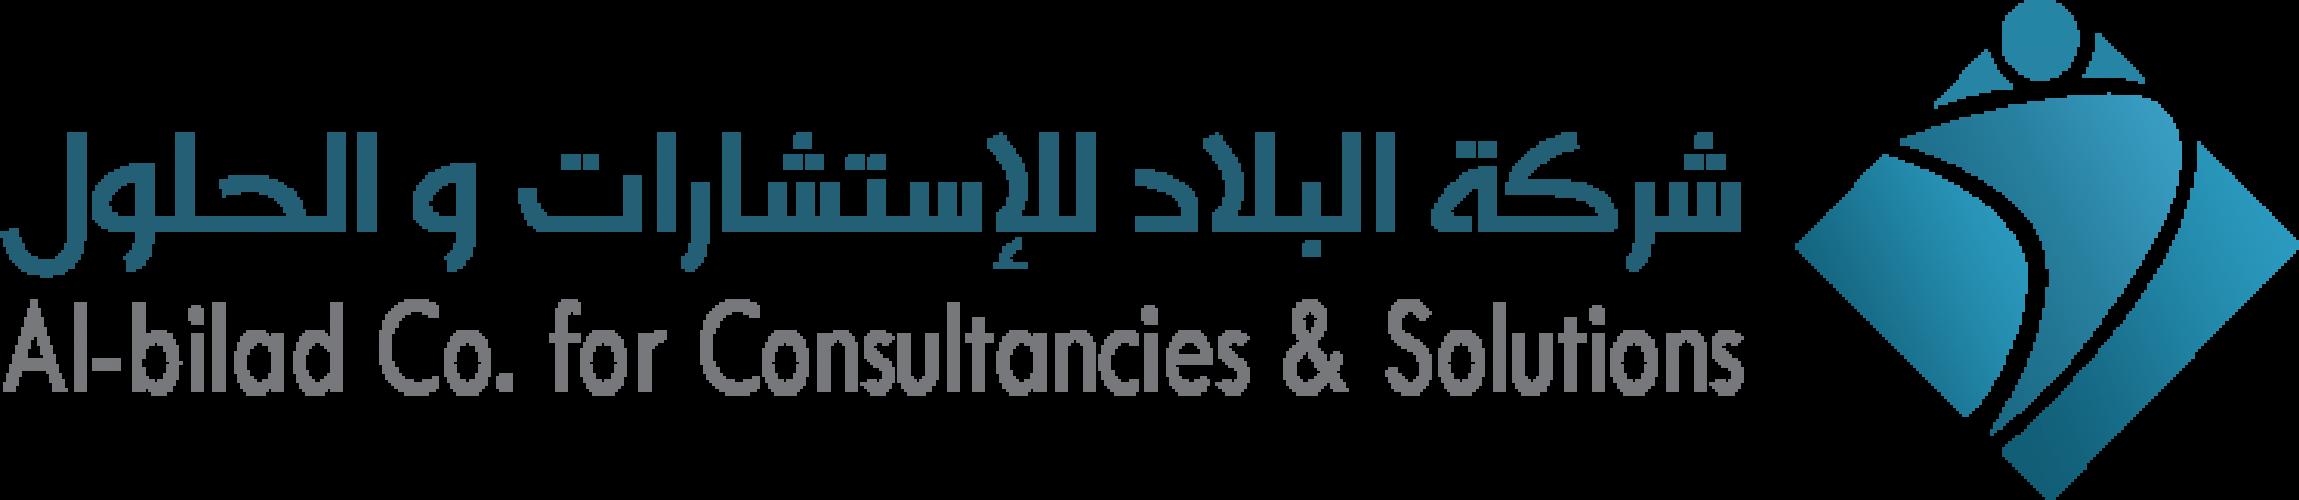 شركة البلاد للاستشارات والحلول رياض الاطفال